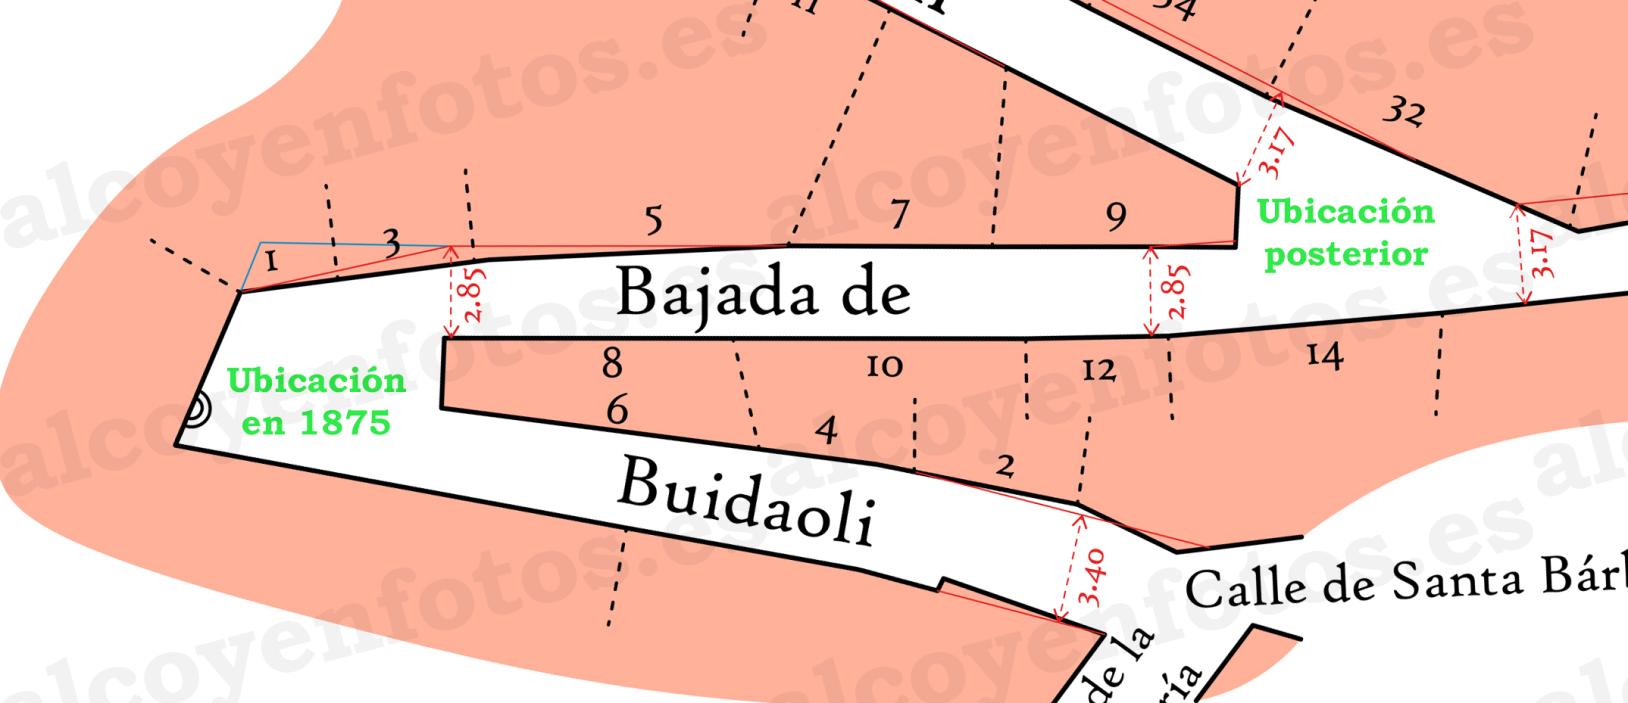 1875fuentebuidaoli